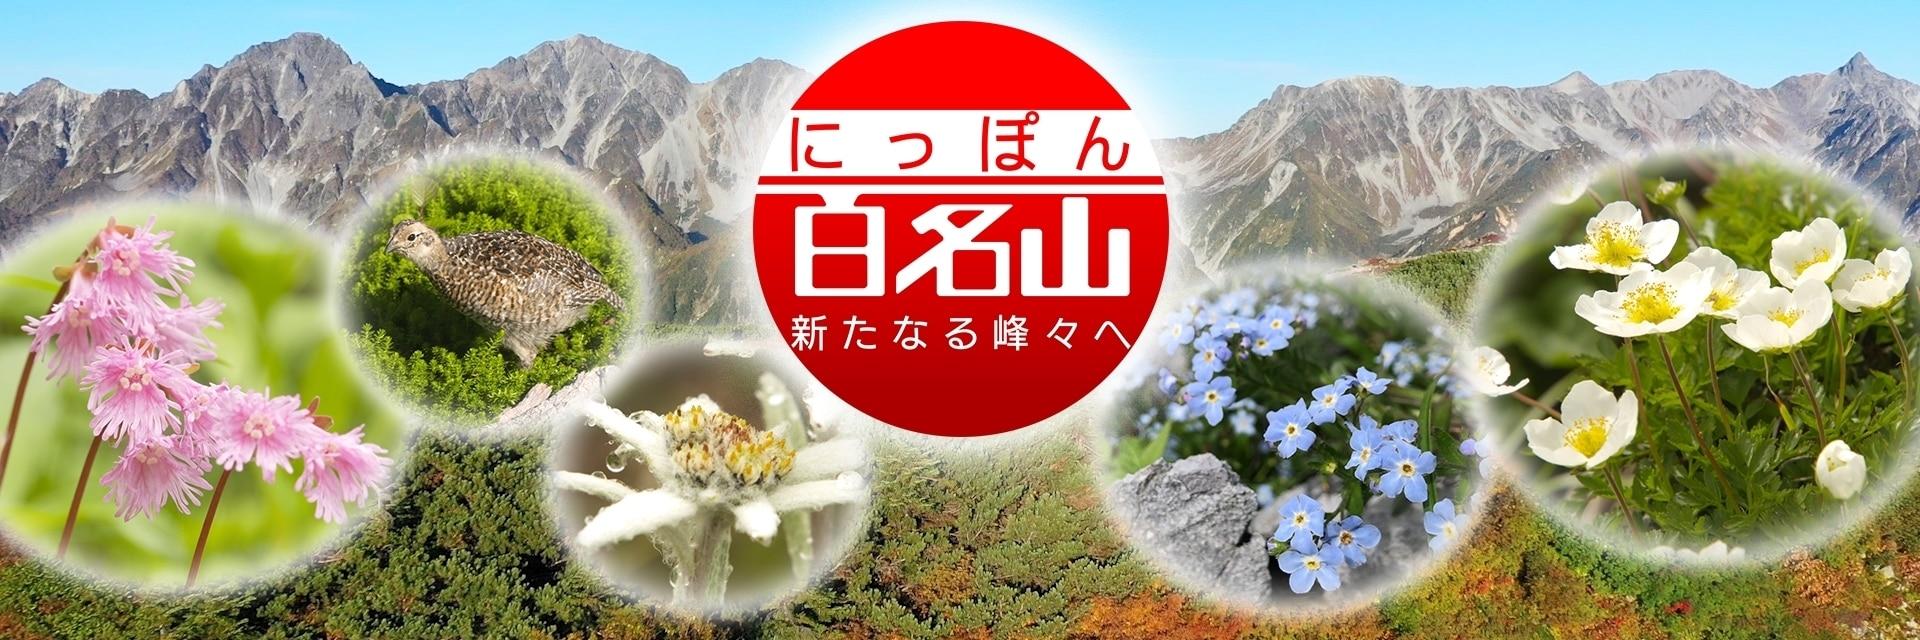 にっぽん百名山 大岳山 御岳山